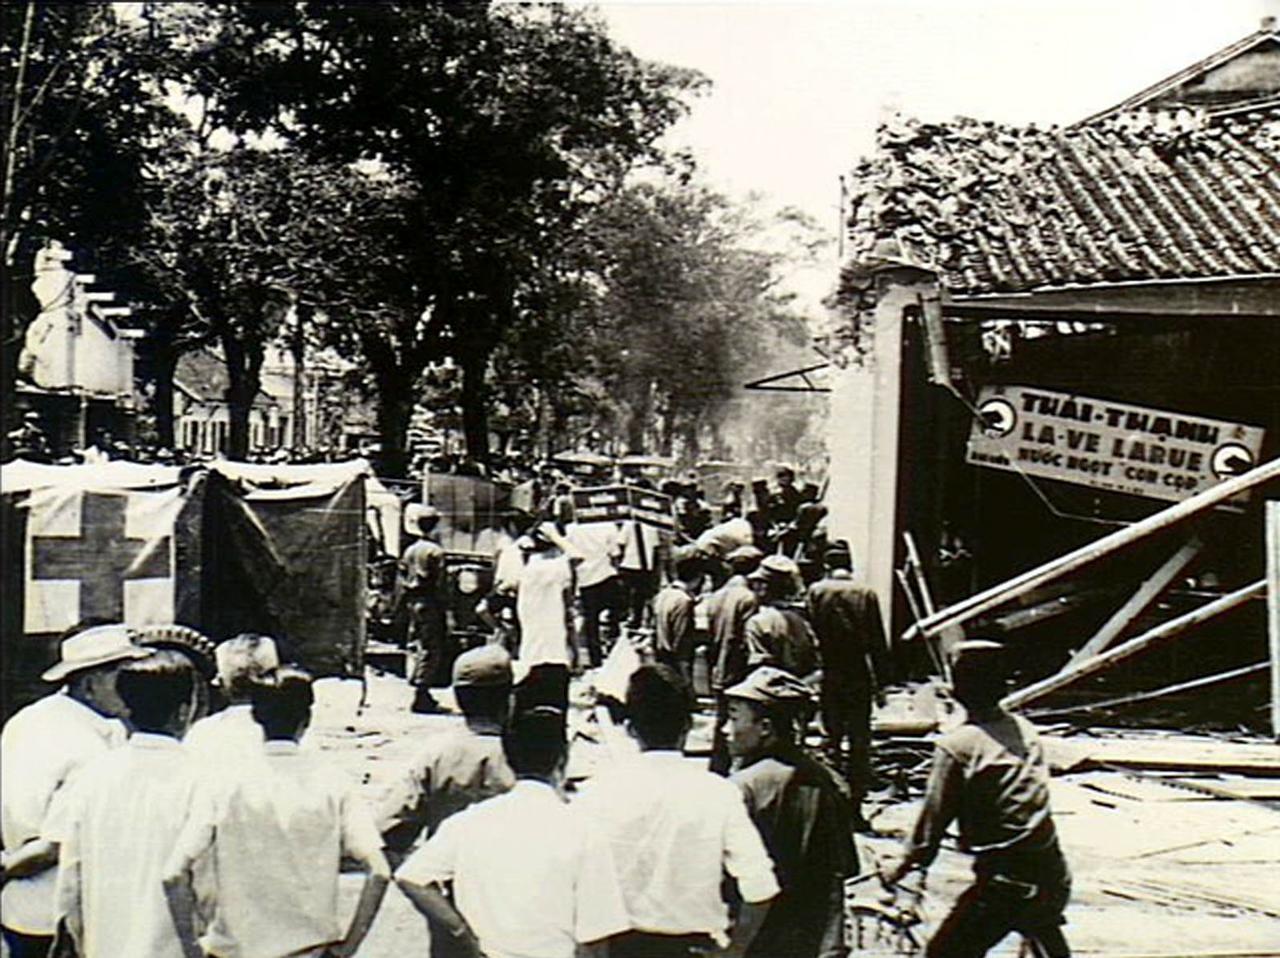 Vụ đánh bom nhà hàng Thái Thanh năm 1965